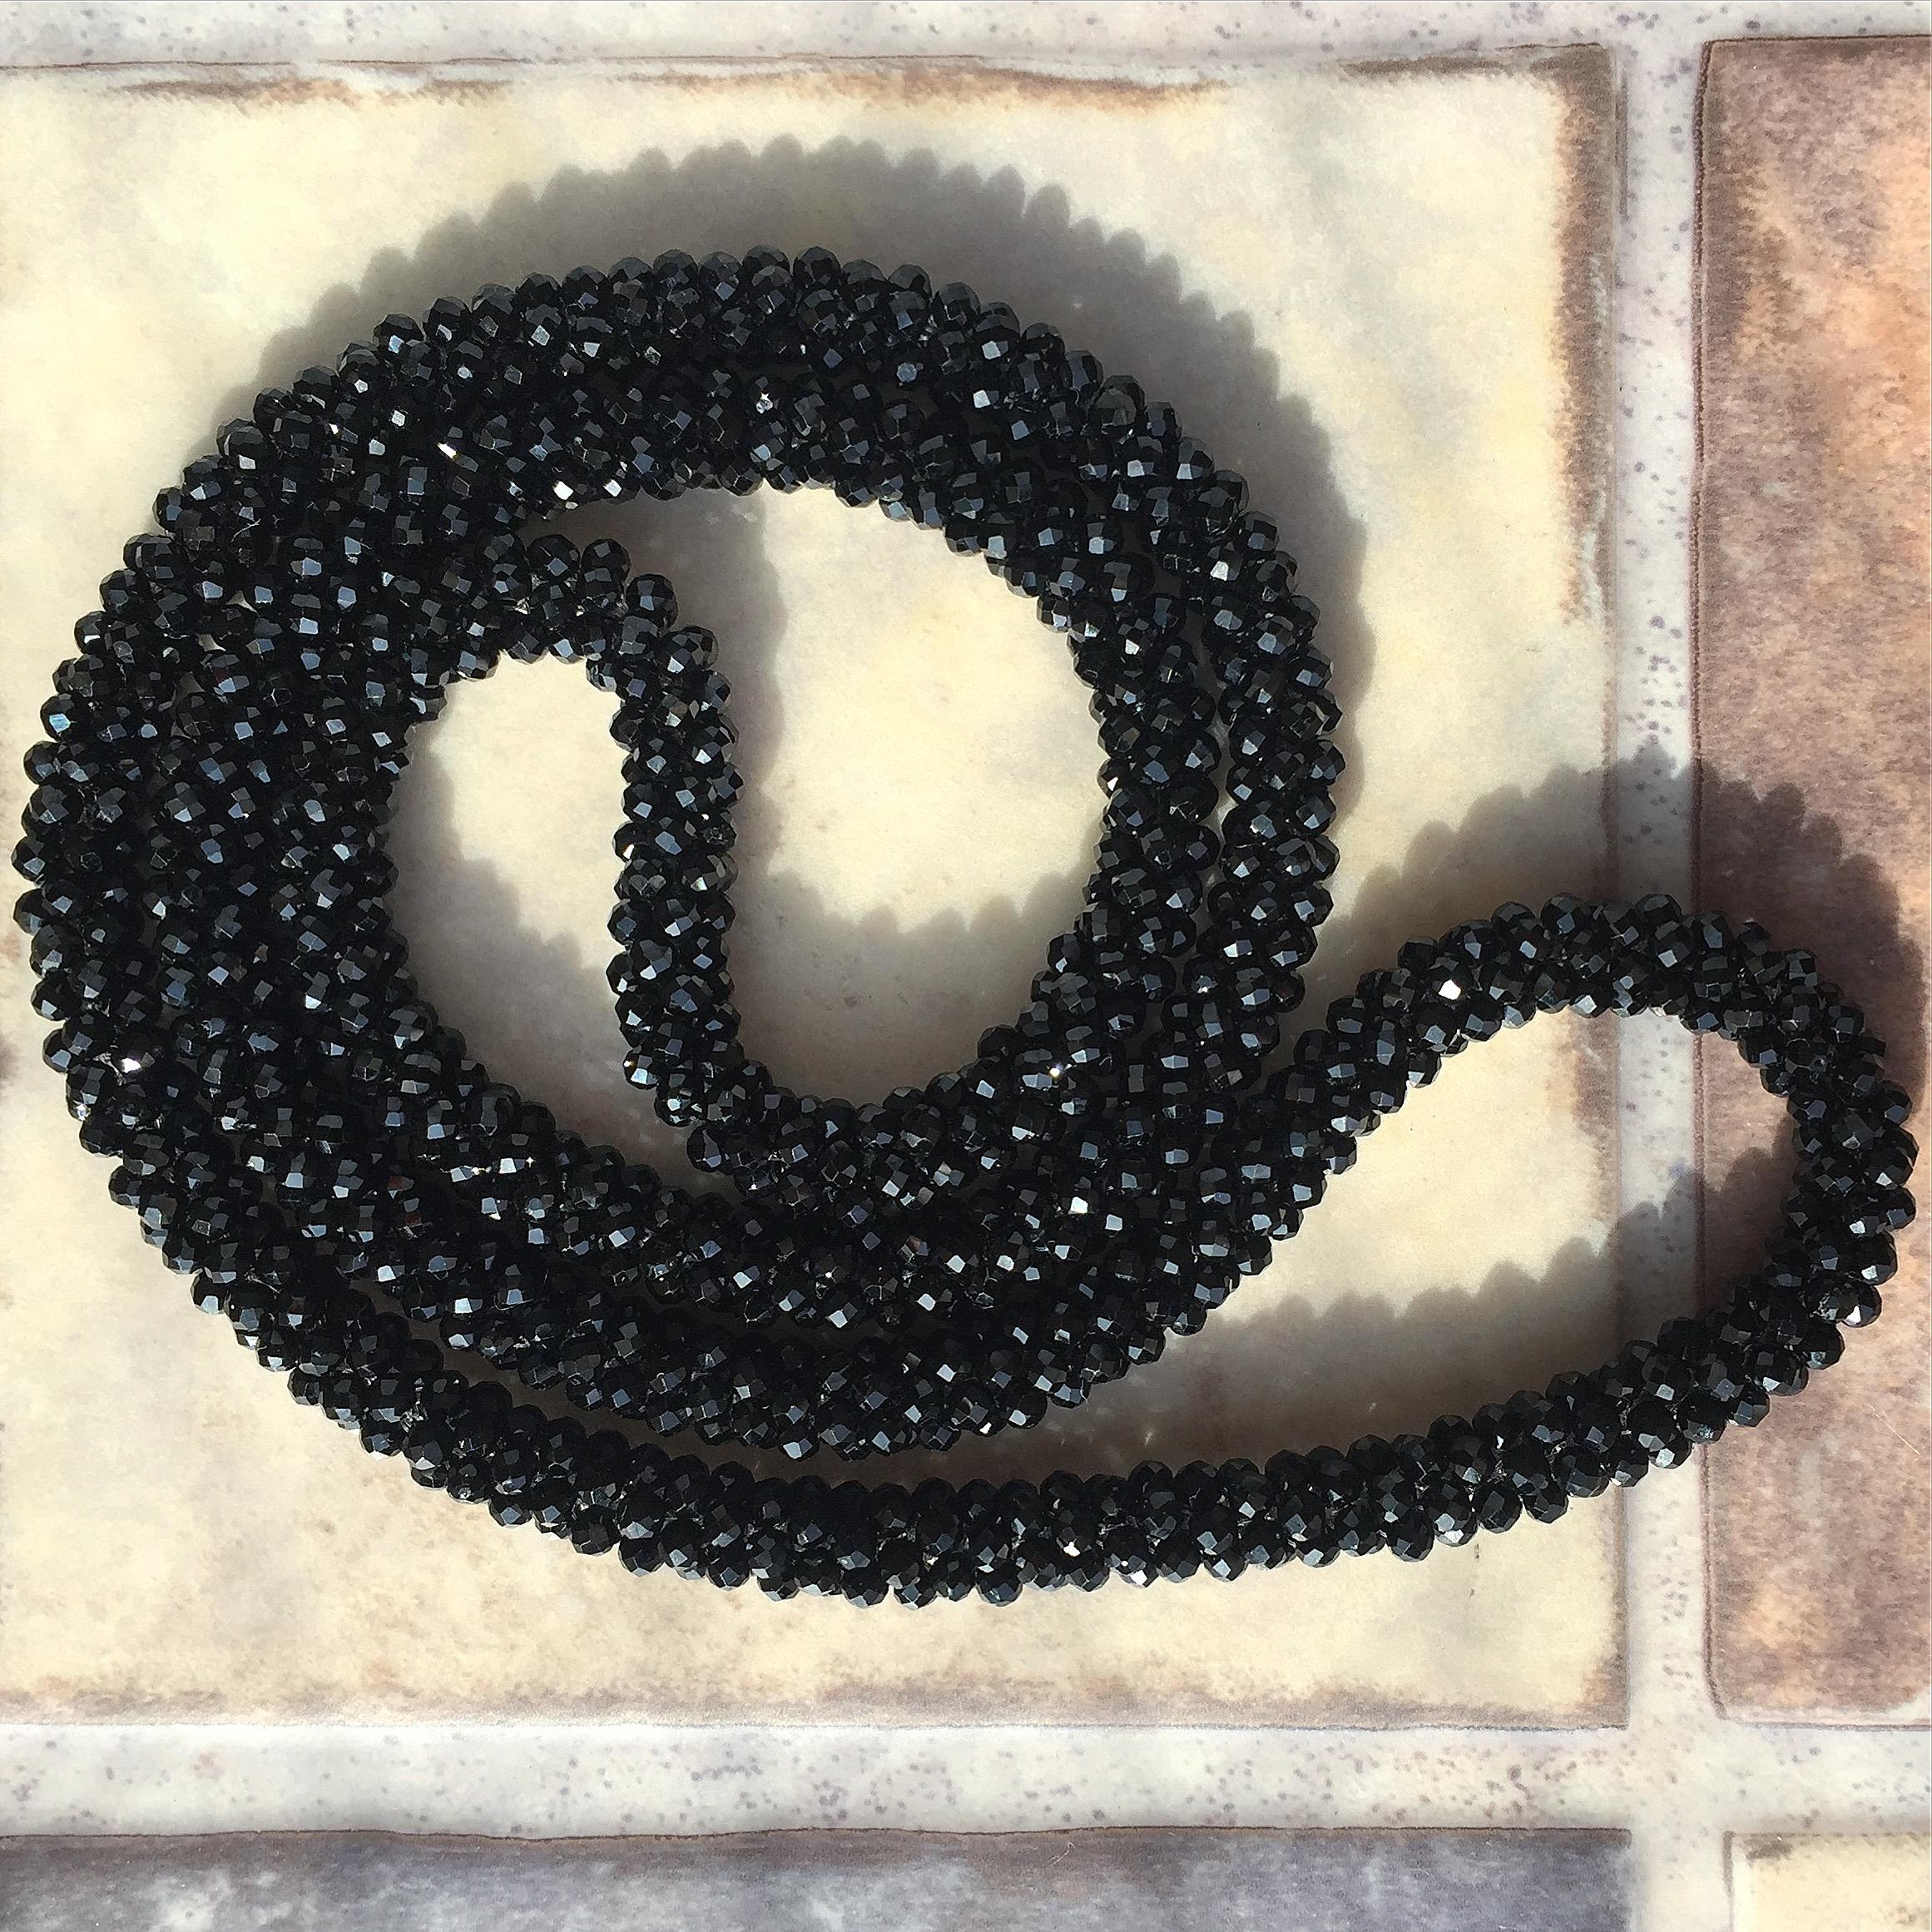 『宝石質ブラックスピネル 洗練された大人のクロッシェネックレス』